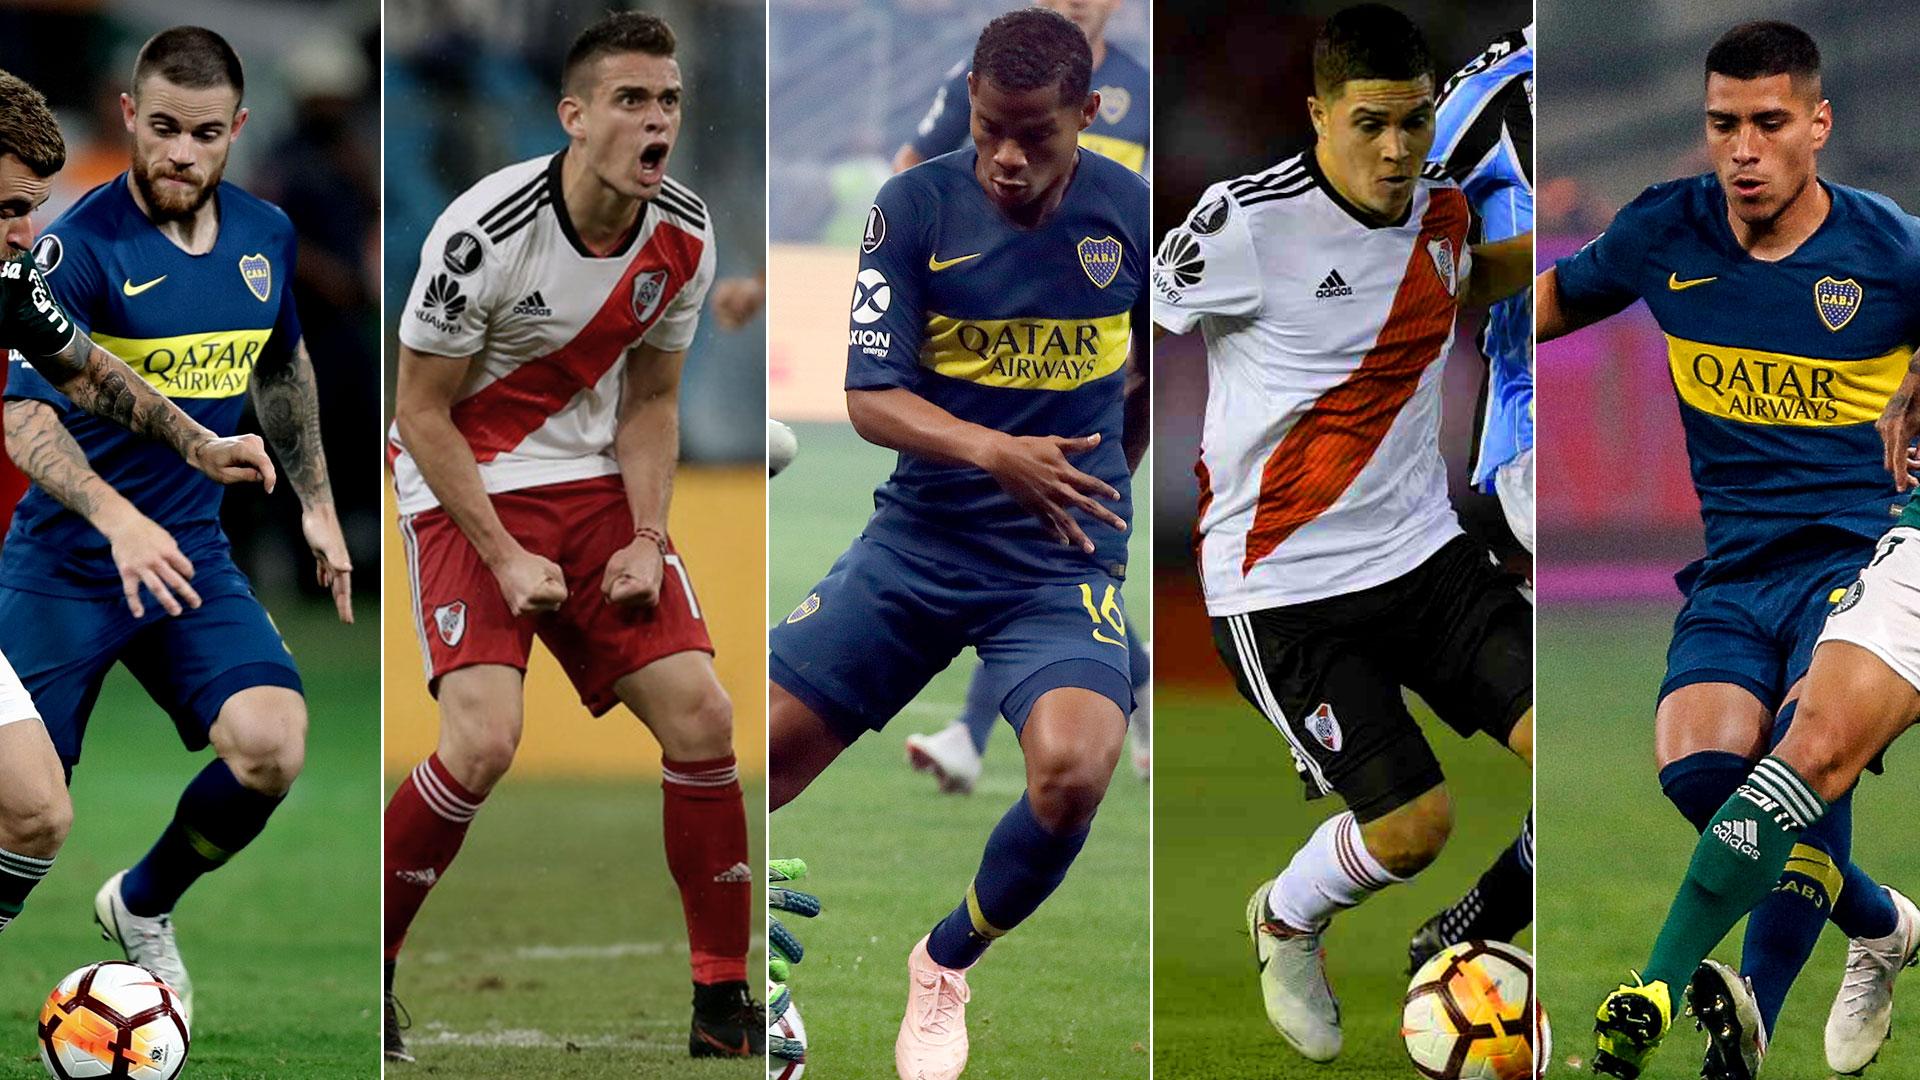 Nandez, Santos Borré, Barrios, Quintero y Olaza son algunos de los sudamericanos de Boca y River